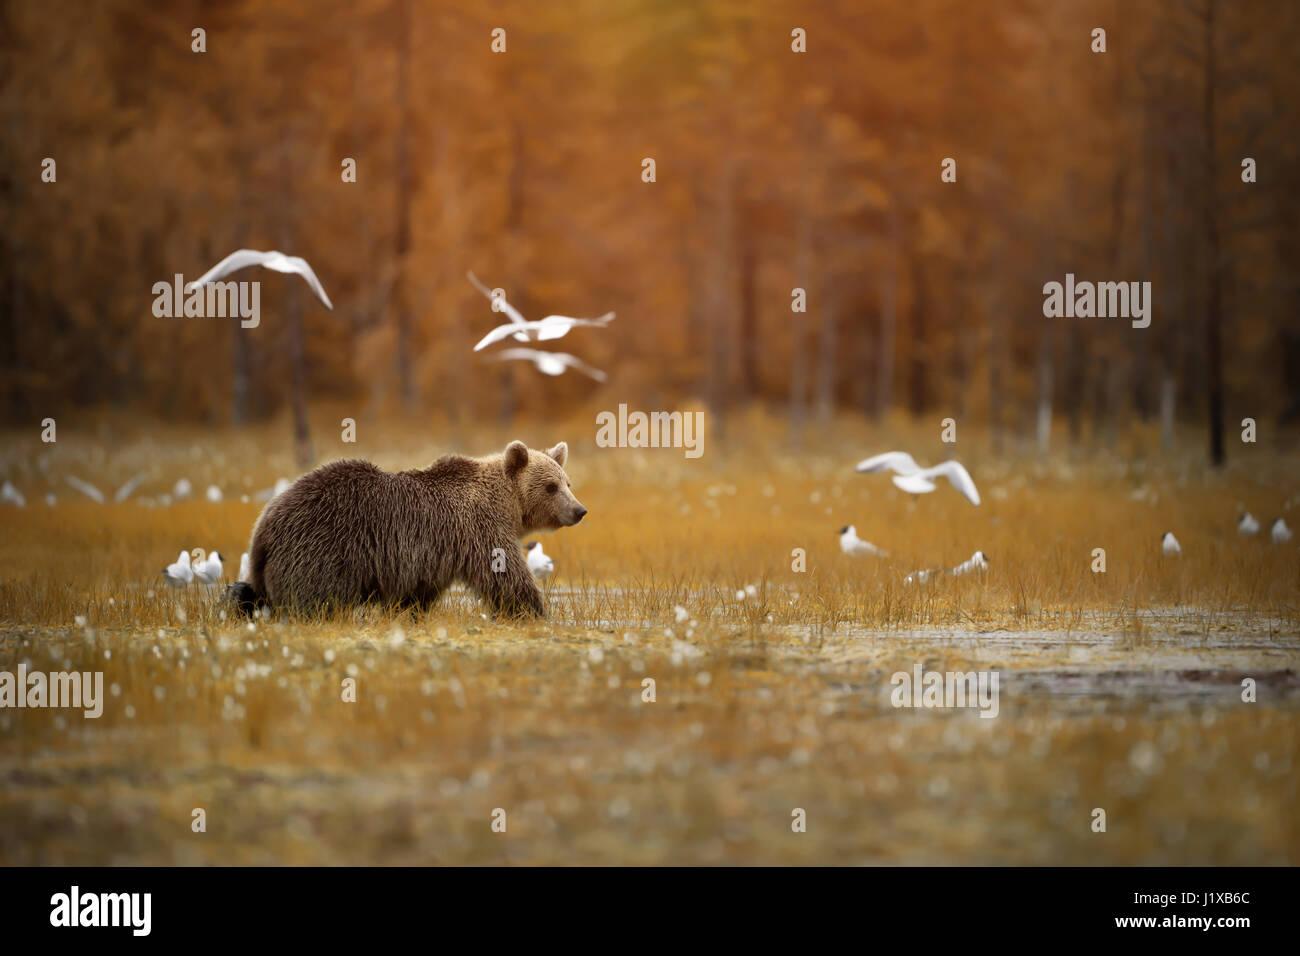 Ours brun traversant le marais Photo Stock